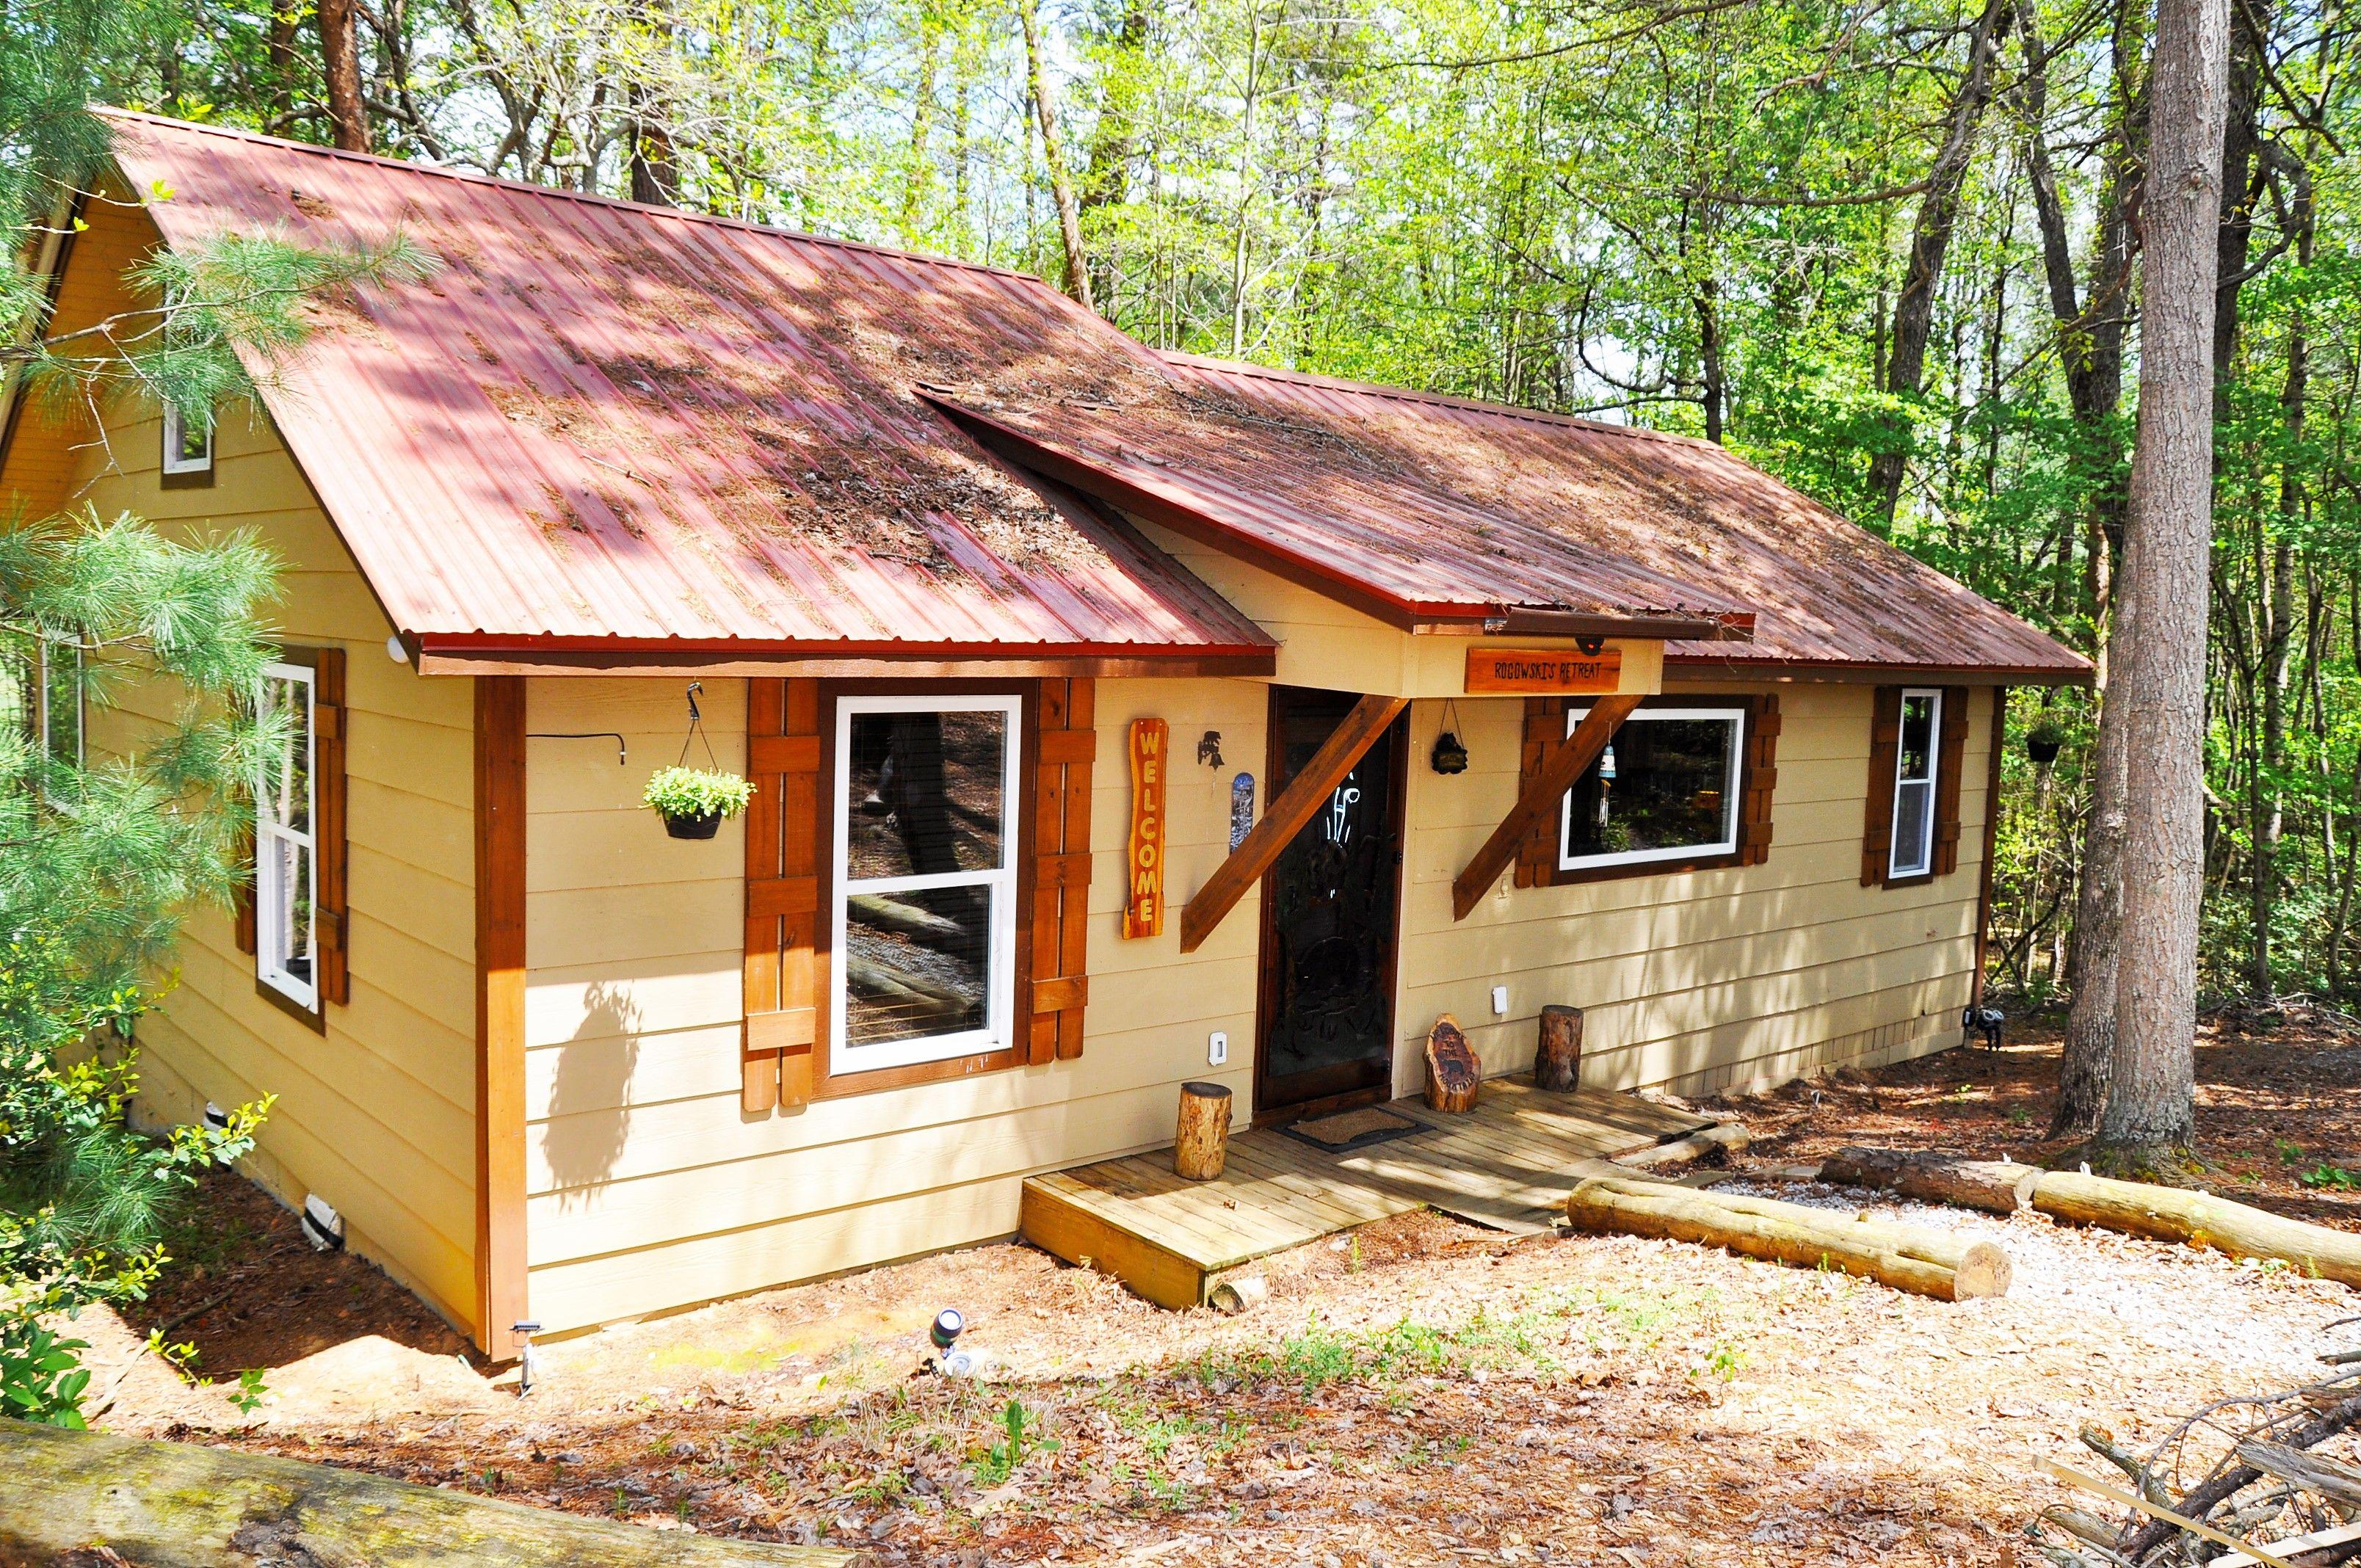 Bear ridge cabin rental in blairsville ga north ga